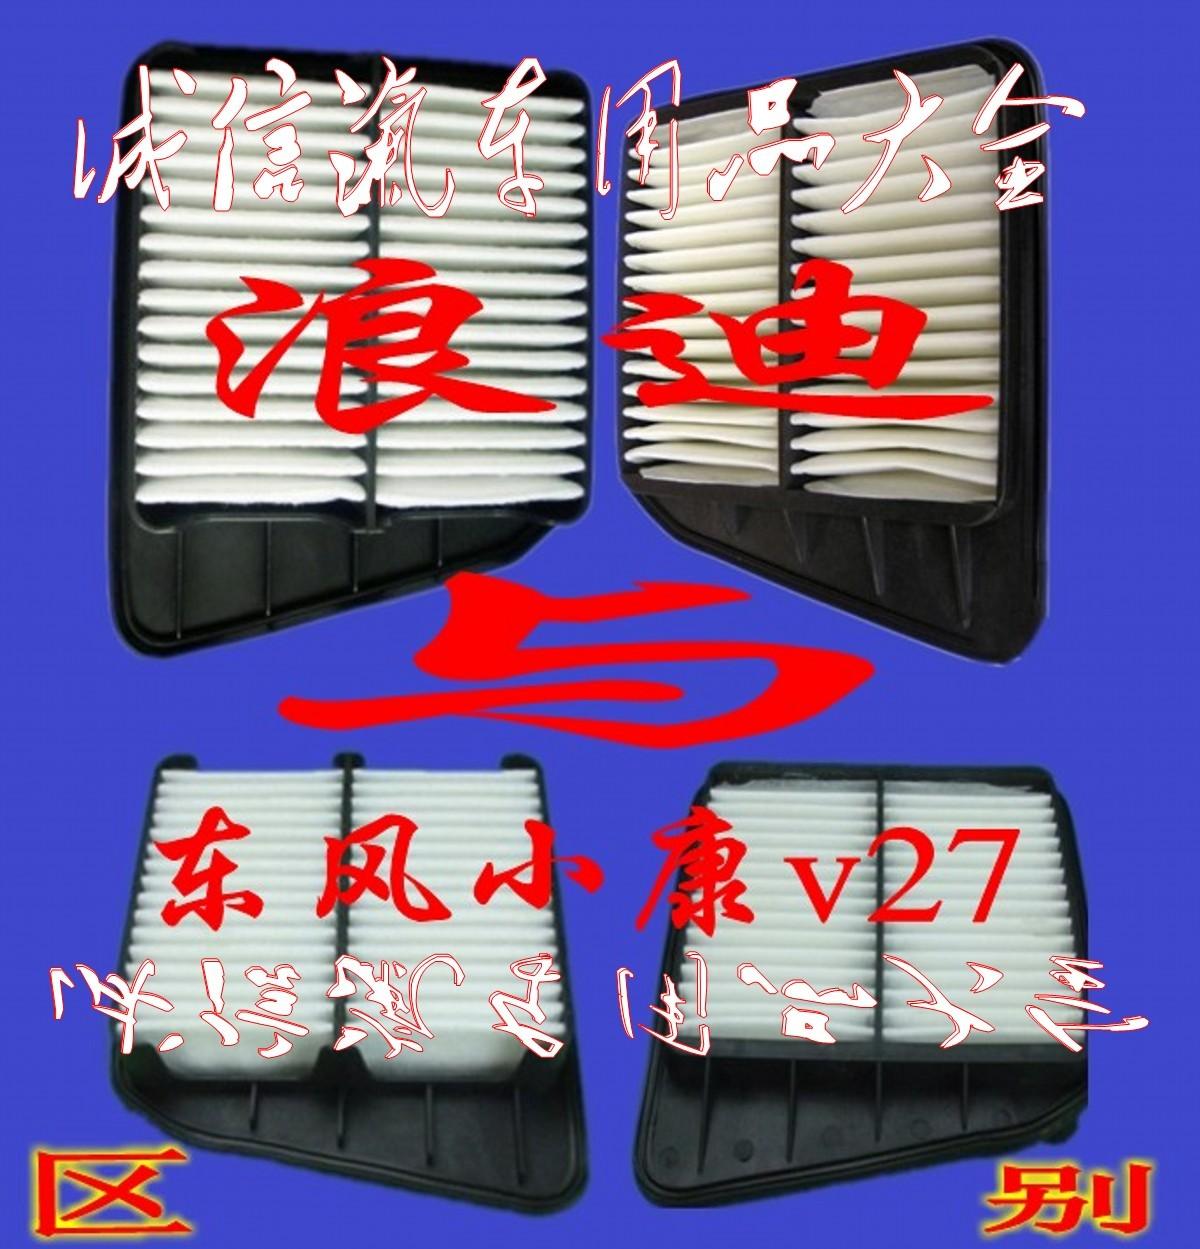 Воздушный фильтр Новый Dongfeng Xiaokang v27, V29 Специальный воздушный фильтр